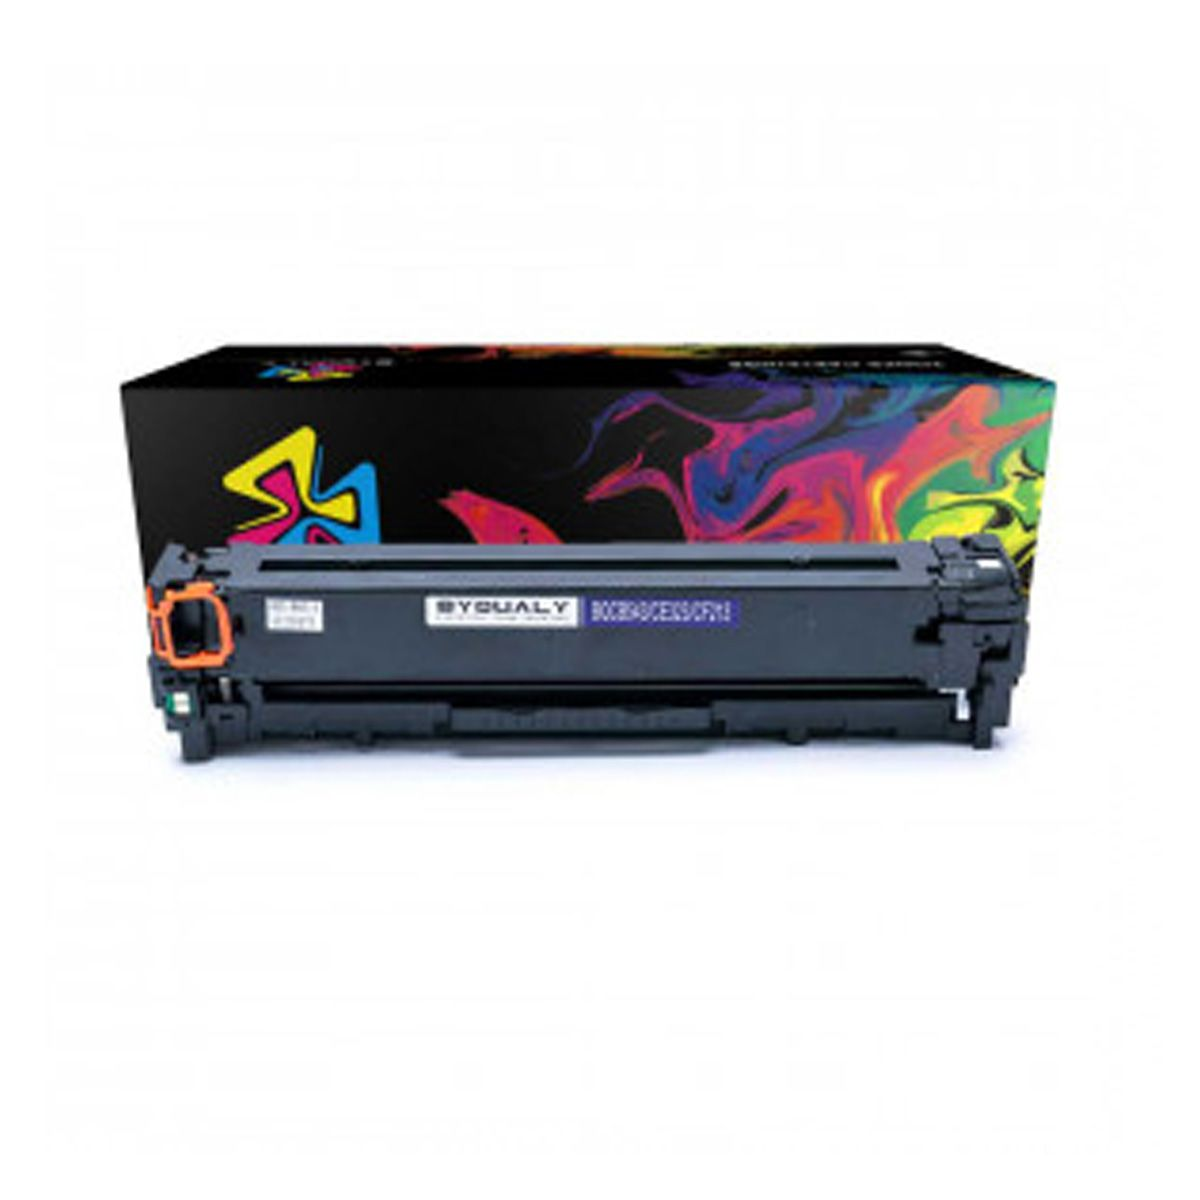 Toner CE323A CE323 323A 323 128A 3Magenta - CM1415 CM1415FN CM1415FNW CP1525 CP1525NW - 1,4K